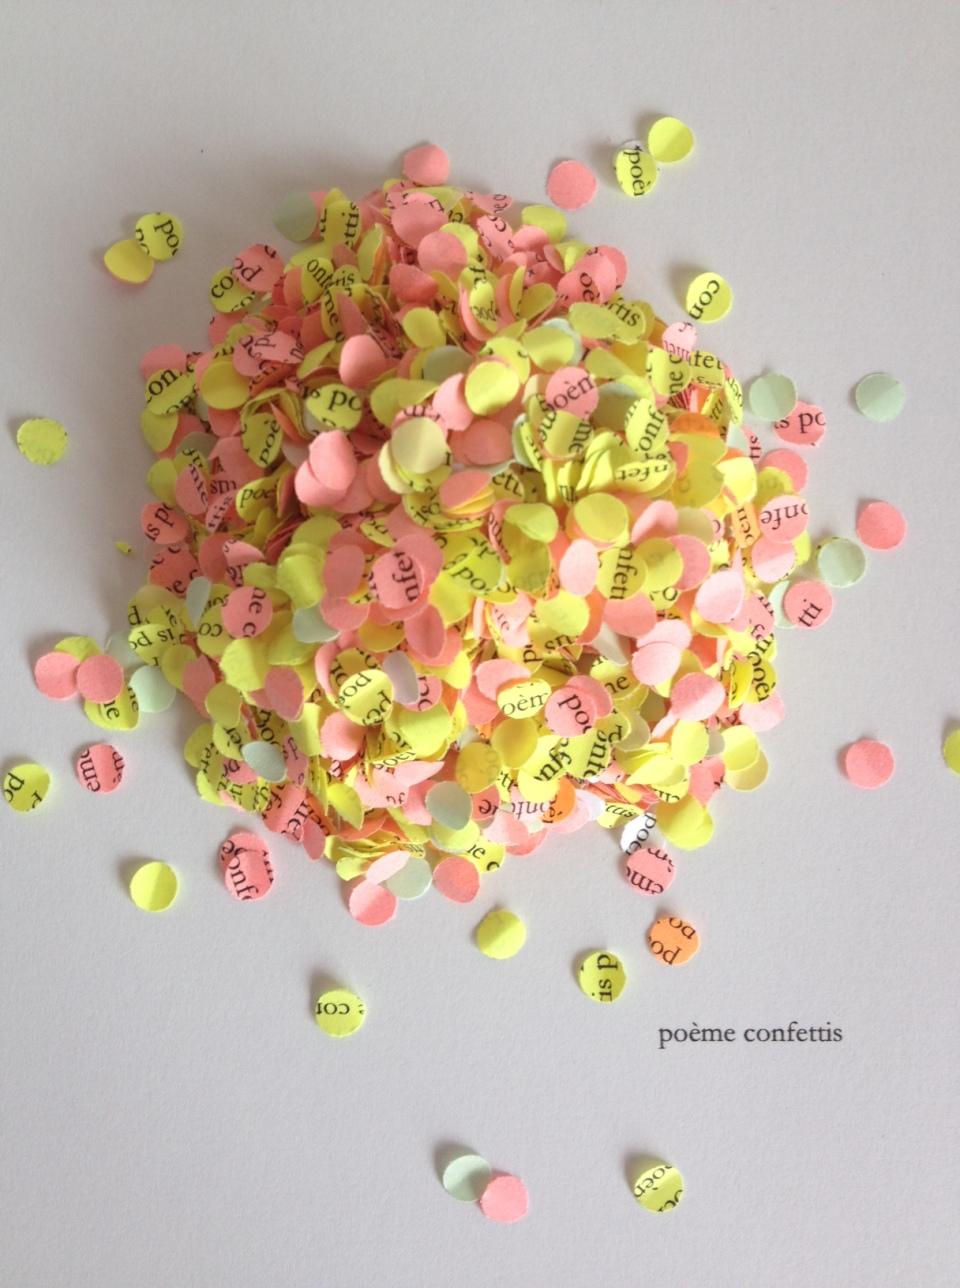 poème confettis